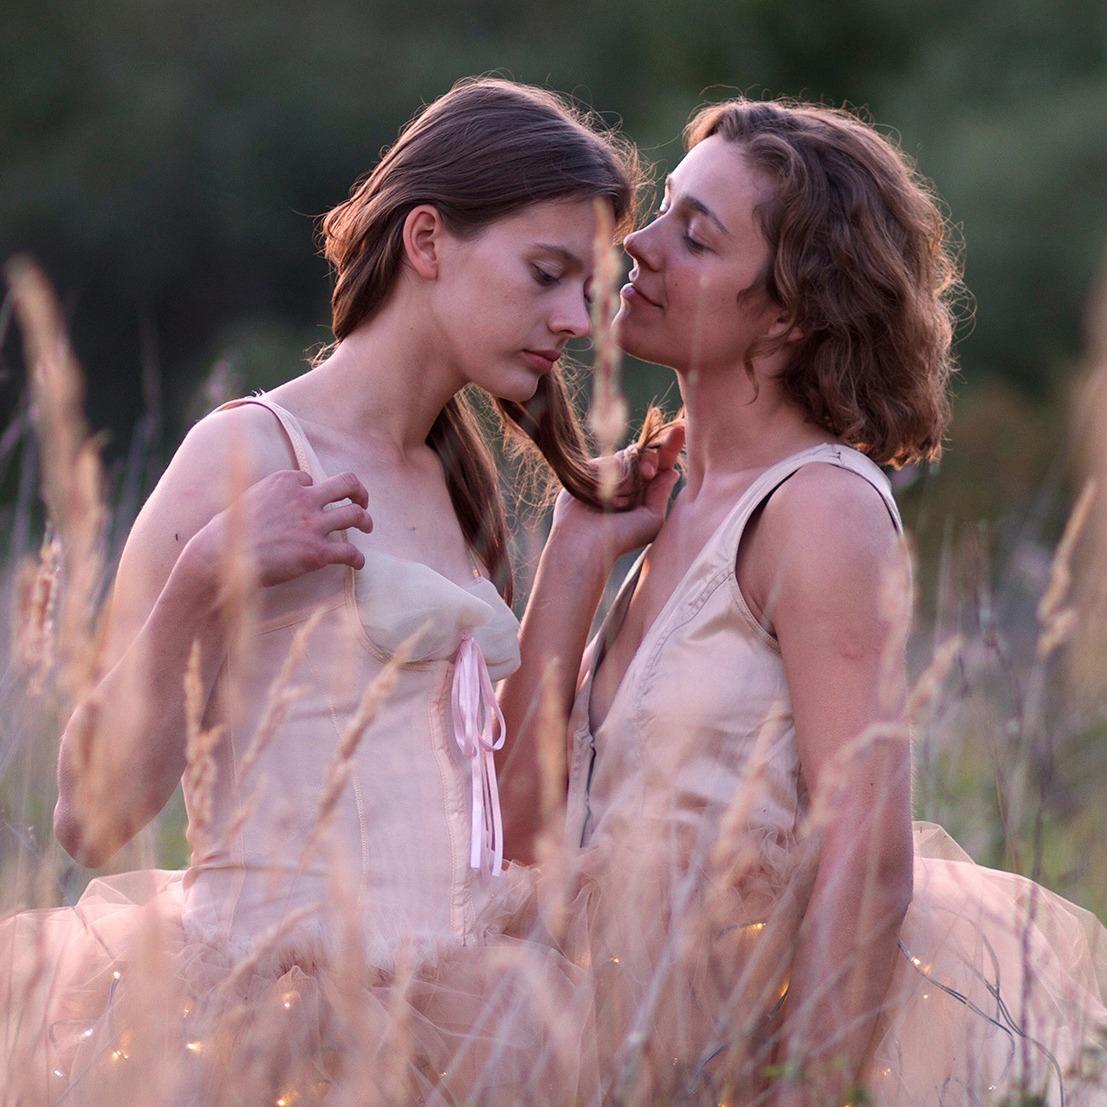 Фемінізм і кінопроби через Zoom. Інтерв'ю з акторкою та членкинею жюрі «Молодості» Айсте Діржюте — Інтерв'ю на Wonderzine